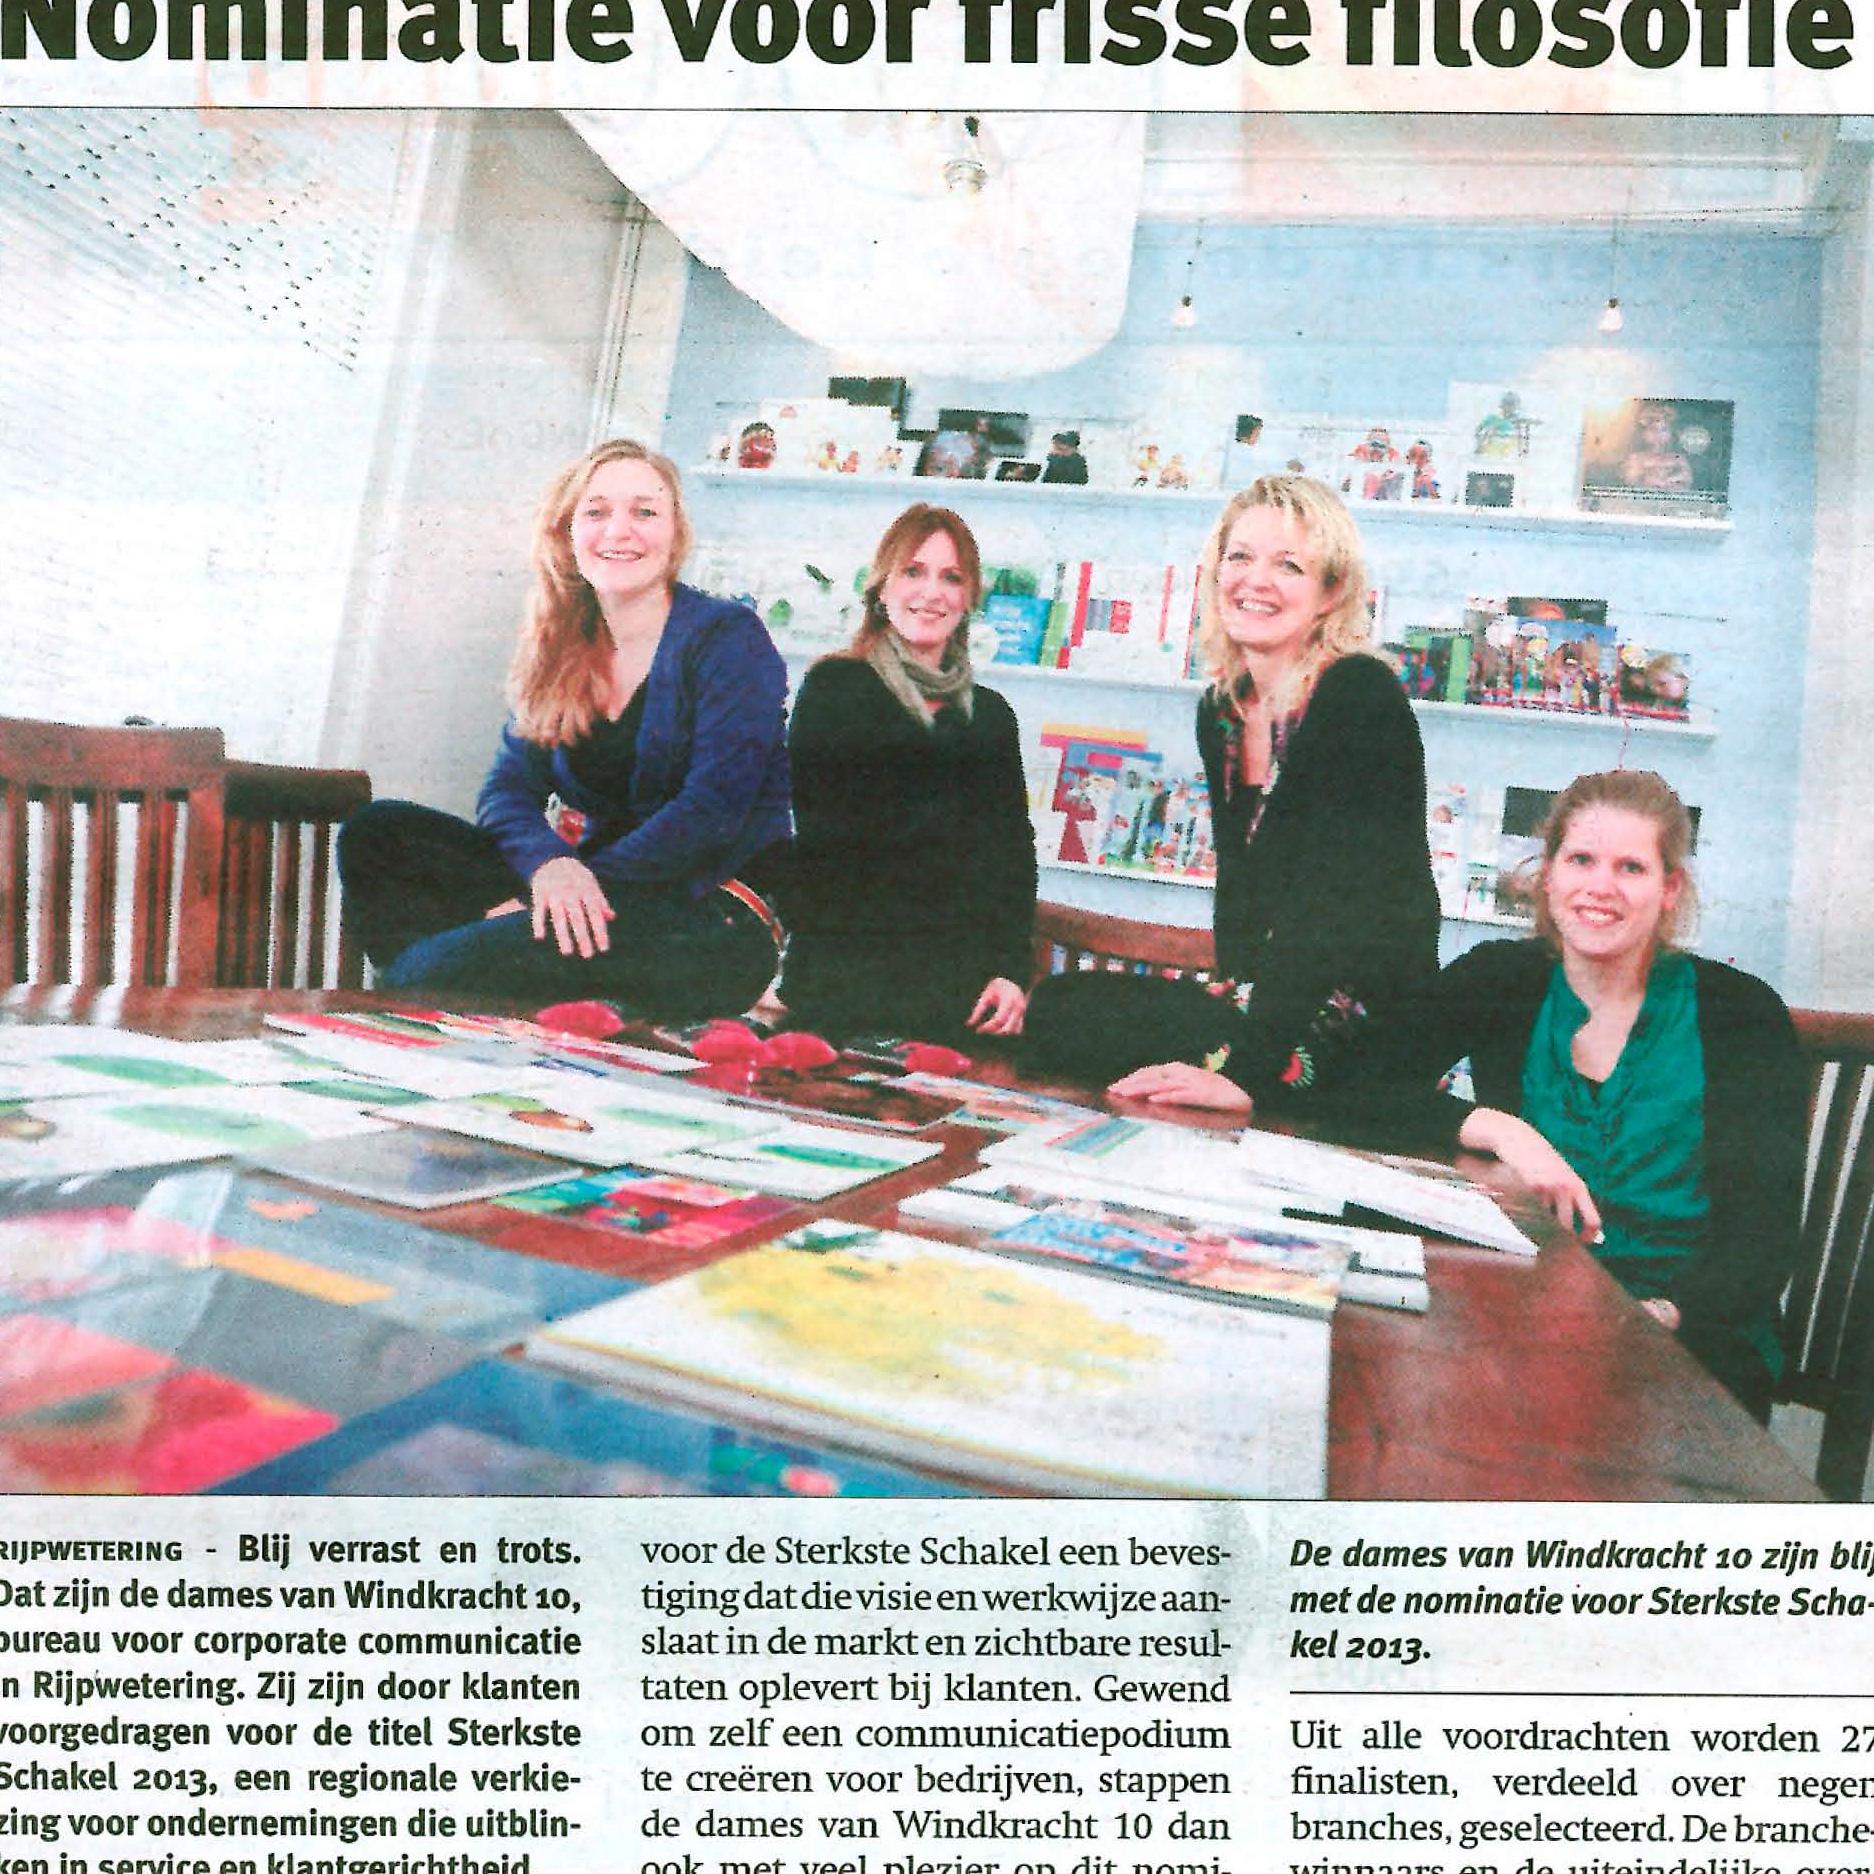 Windkracht 10 sterkste schakel  Leids Nieuwsblad  21-02-13